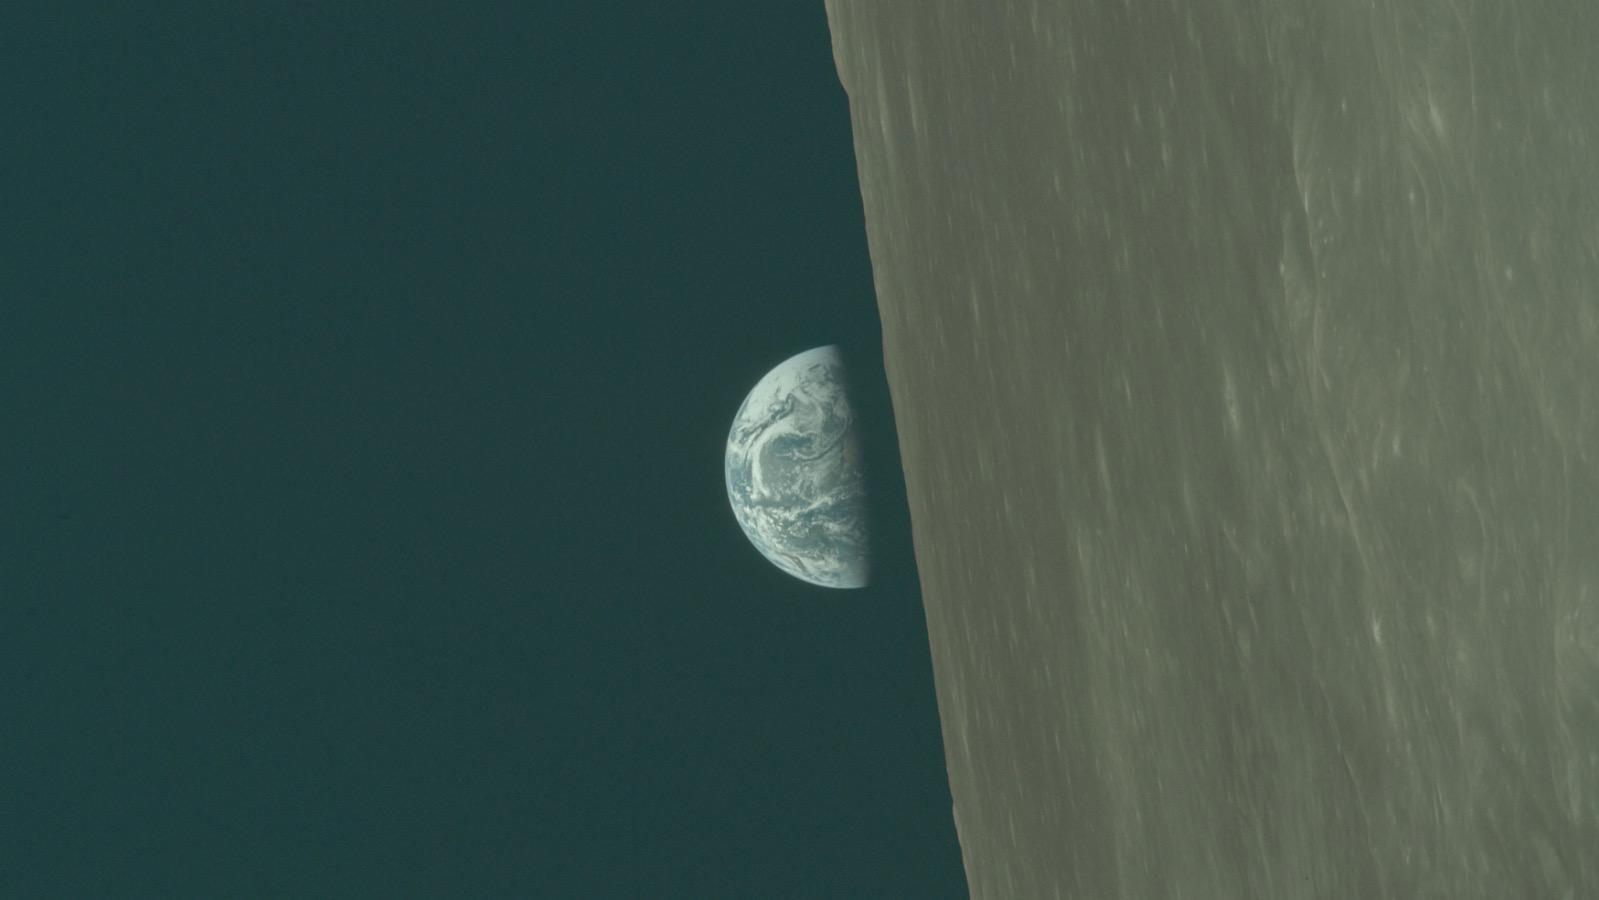 AS10-27-3890, Project Apollo Archive, Public Domain